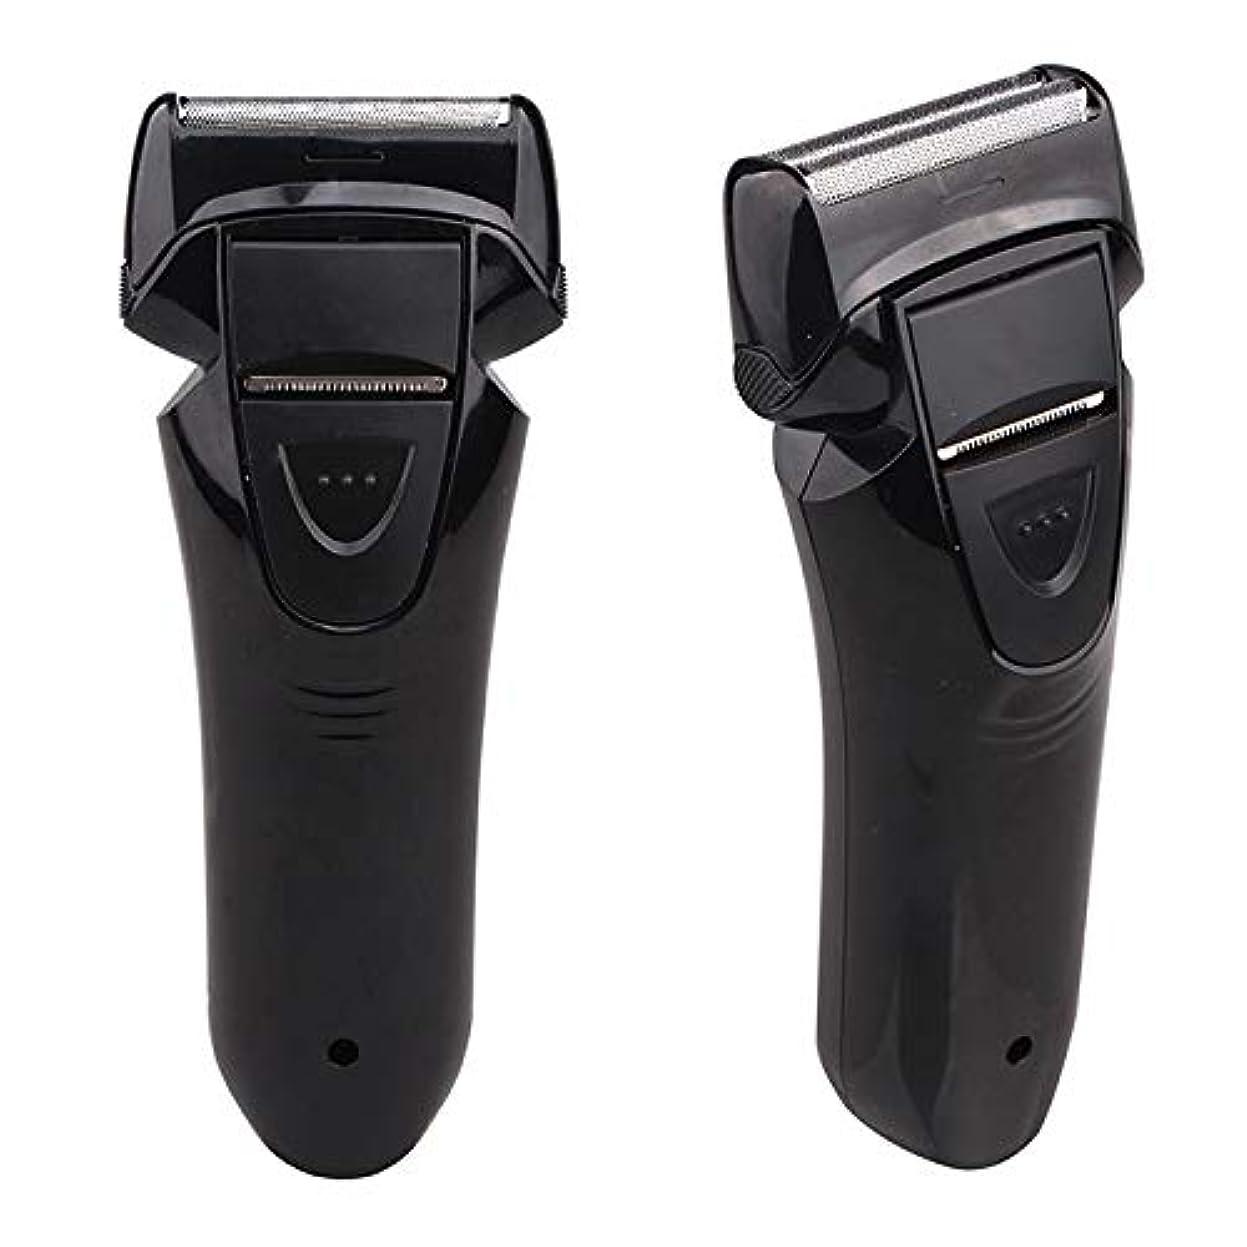 差別する乳白鉄メンズシェーバー Vegetable(ベジタブル) アダプター&USB充電式2枚刃シェーバー GD-S206